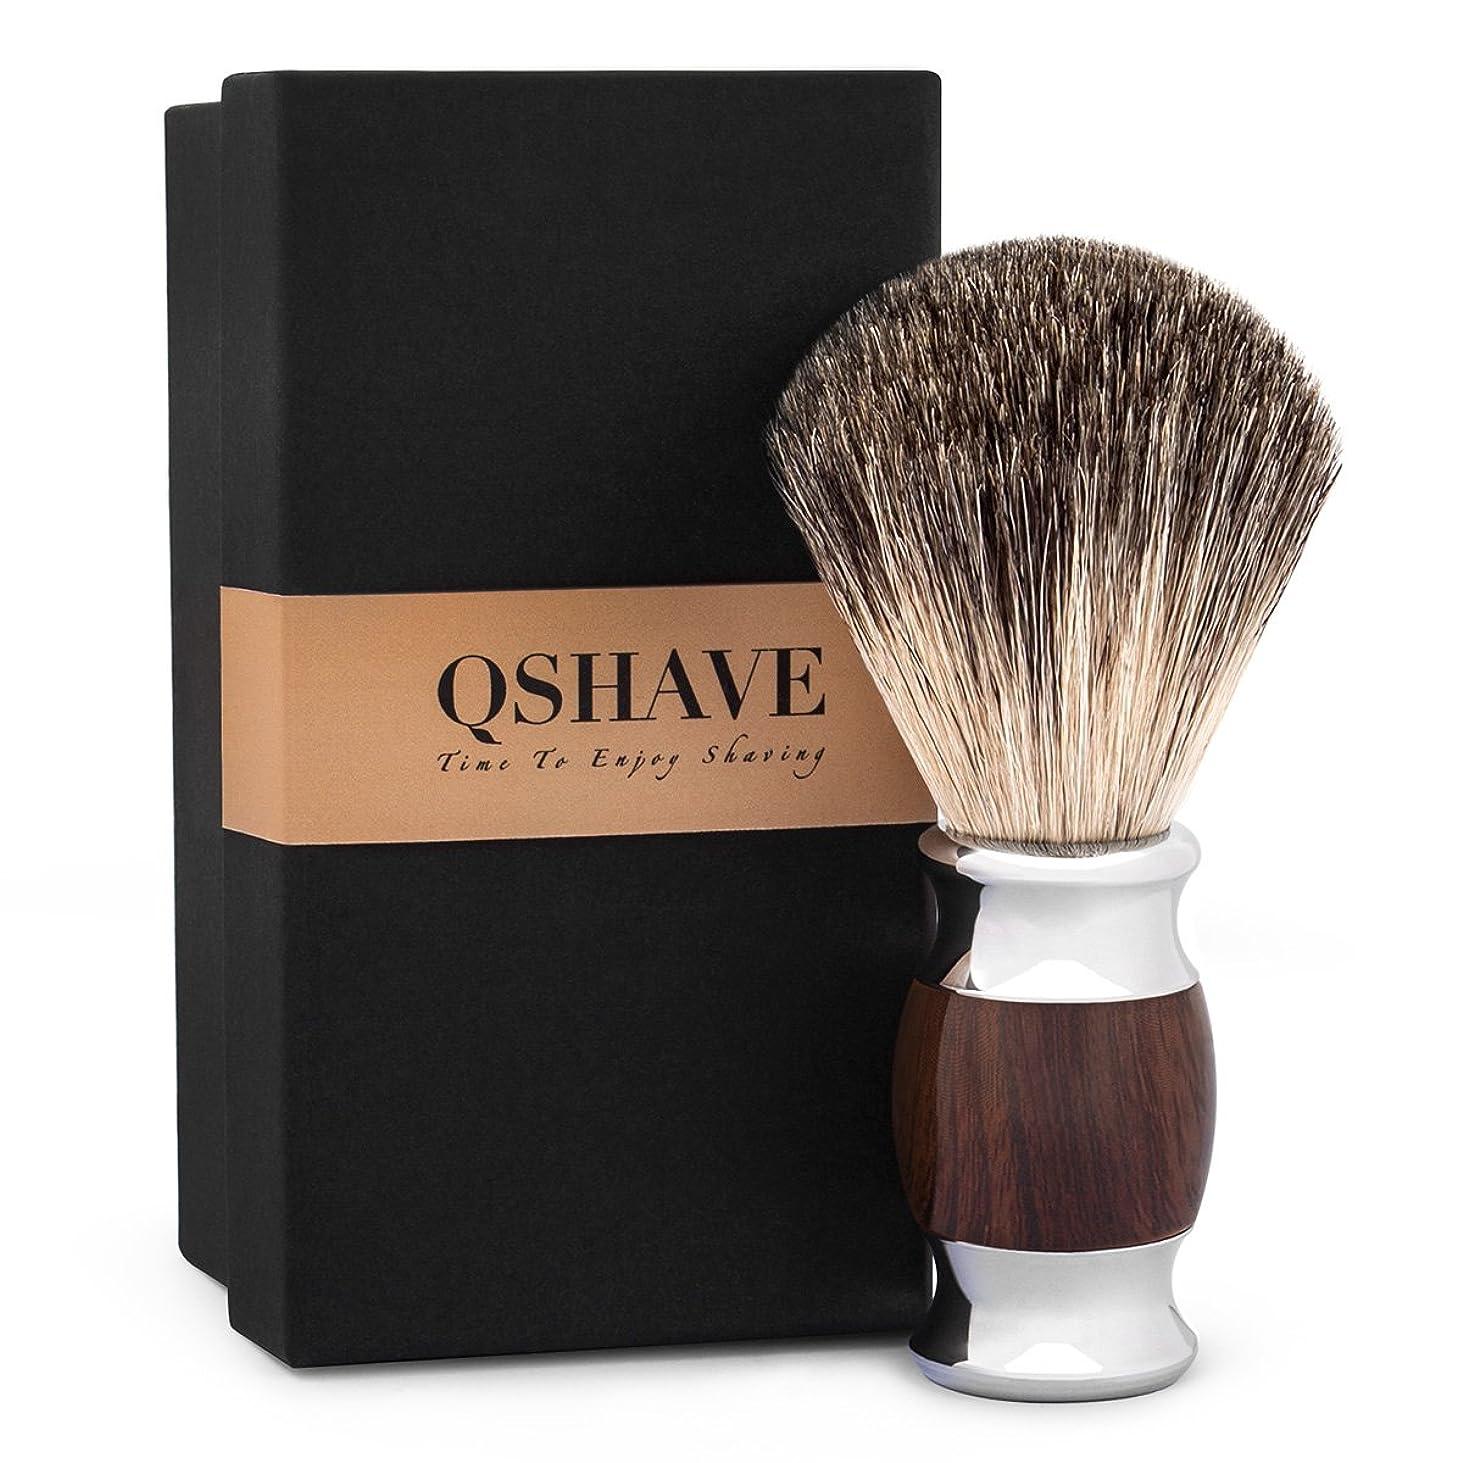 失礼日焼け特別なQSHAVE 100%アナグマ毛 木目調ハンドル オリジナルハンドメイドシェービングブラシ。ウェットシェービング、安全カミソリ、両刃カミソリに最適